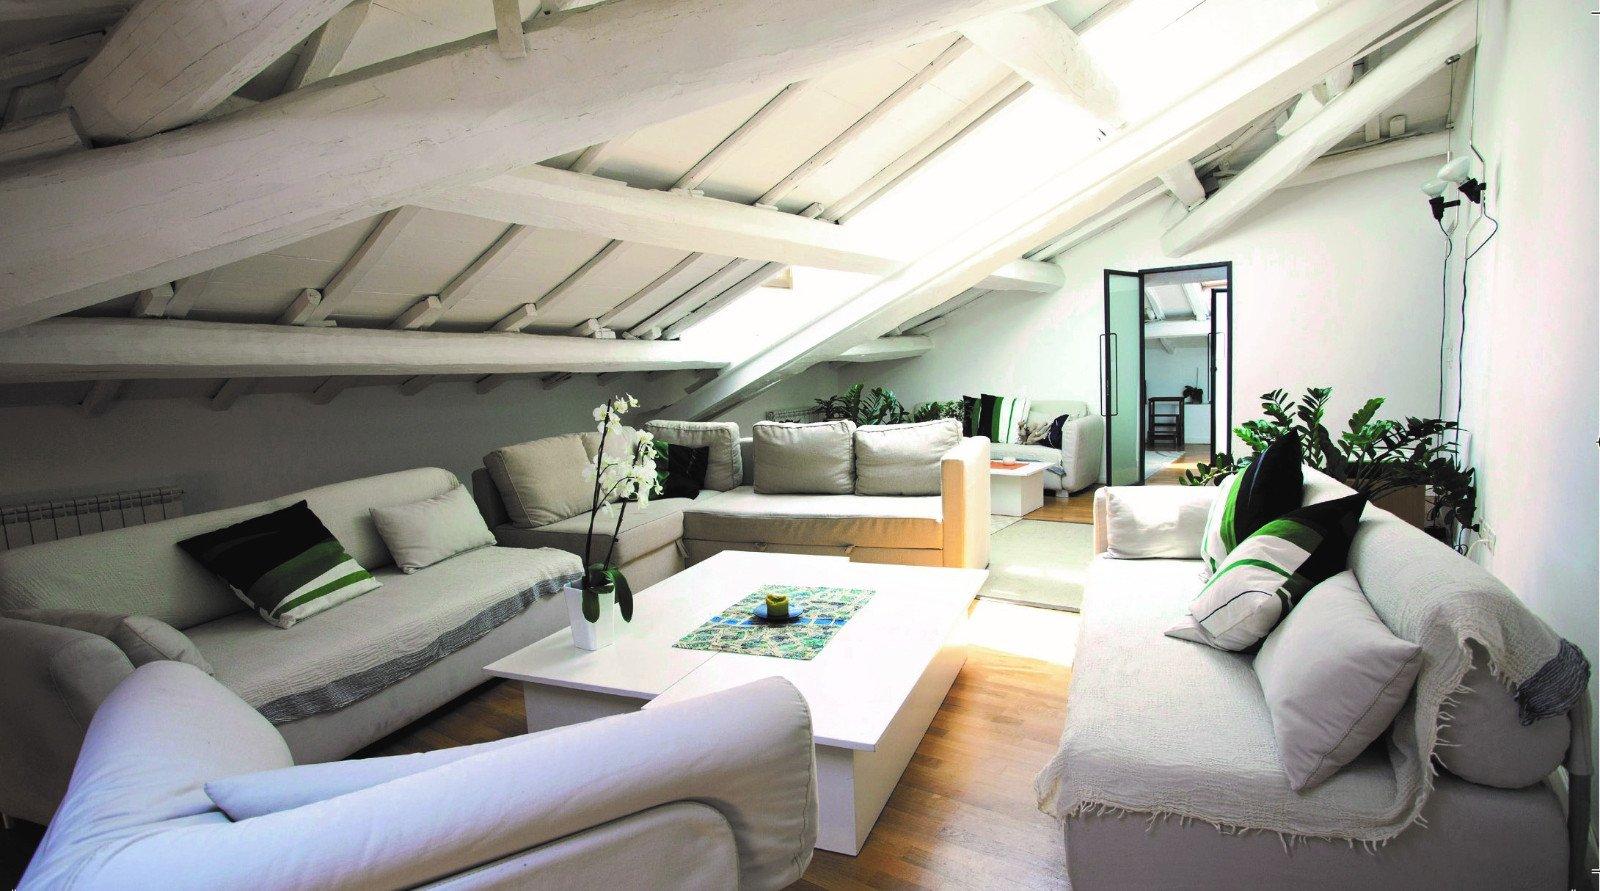 Bella camera con comodi divani bianchi